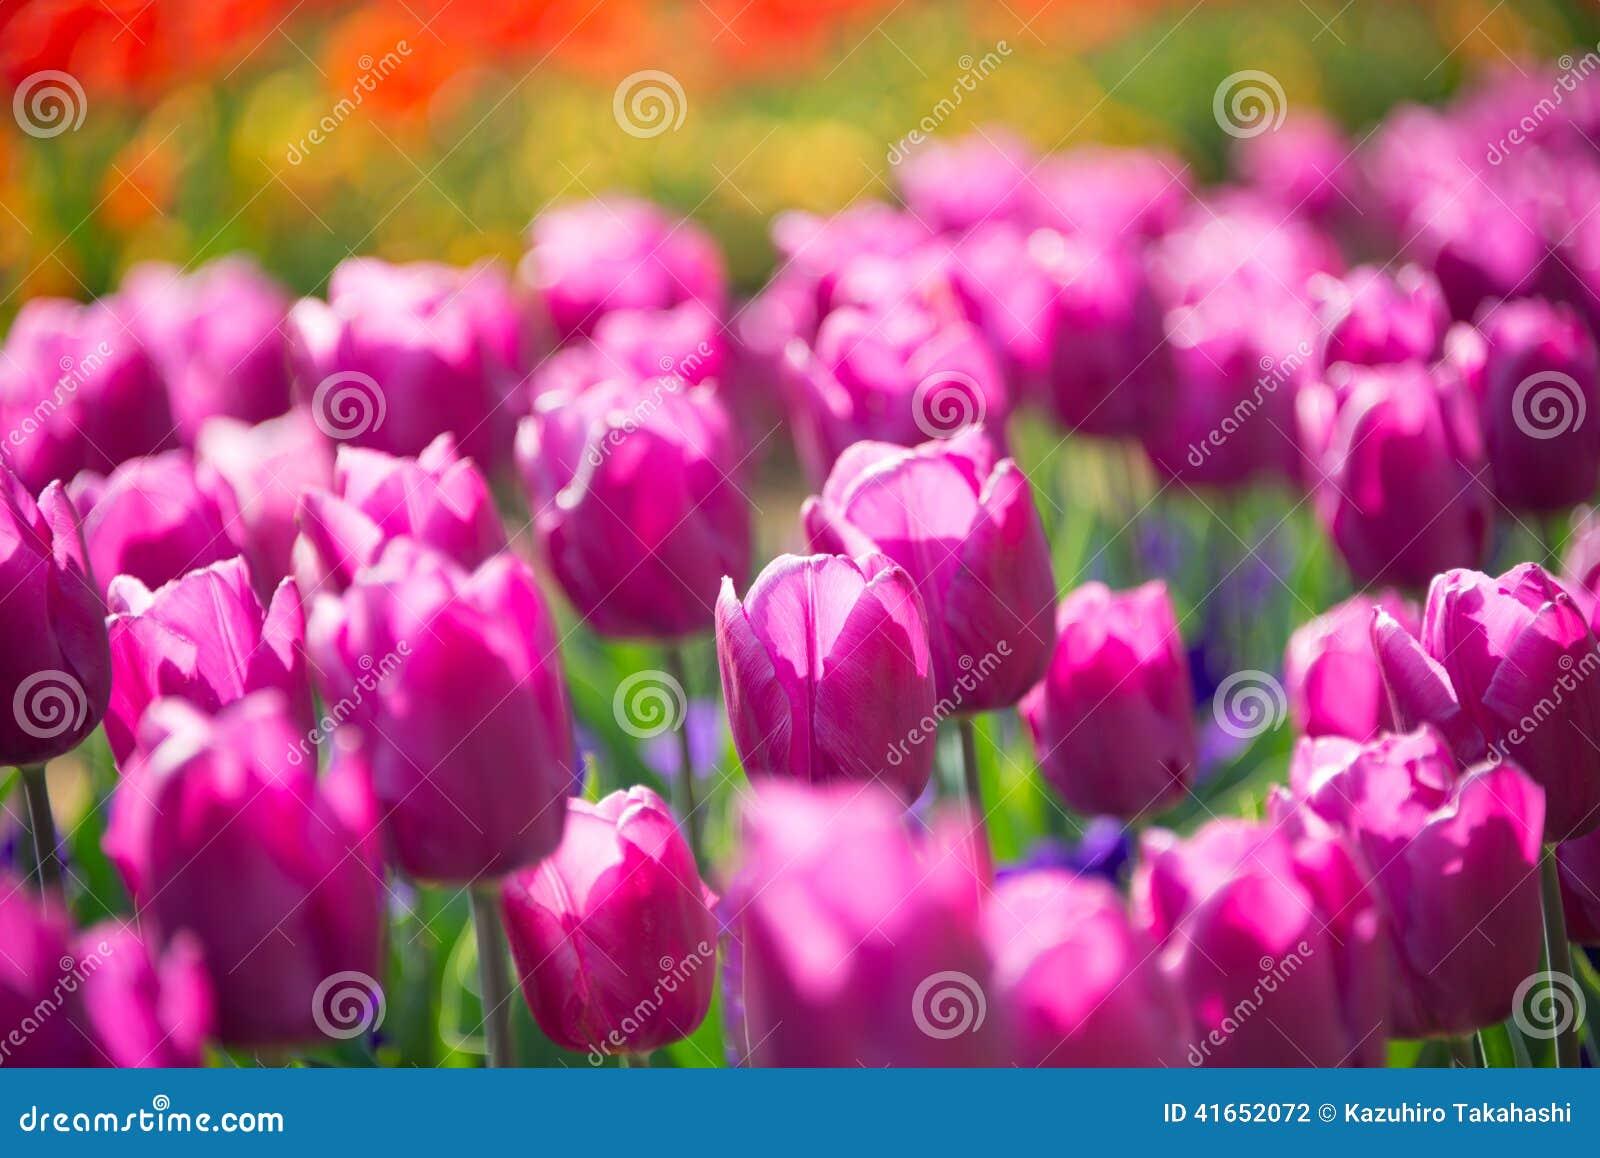 пурпуровые тюльпаны